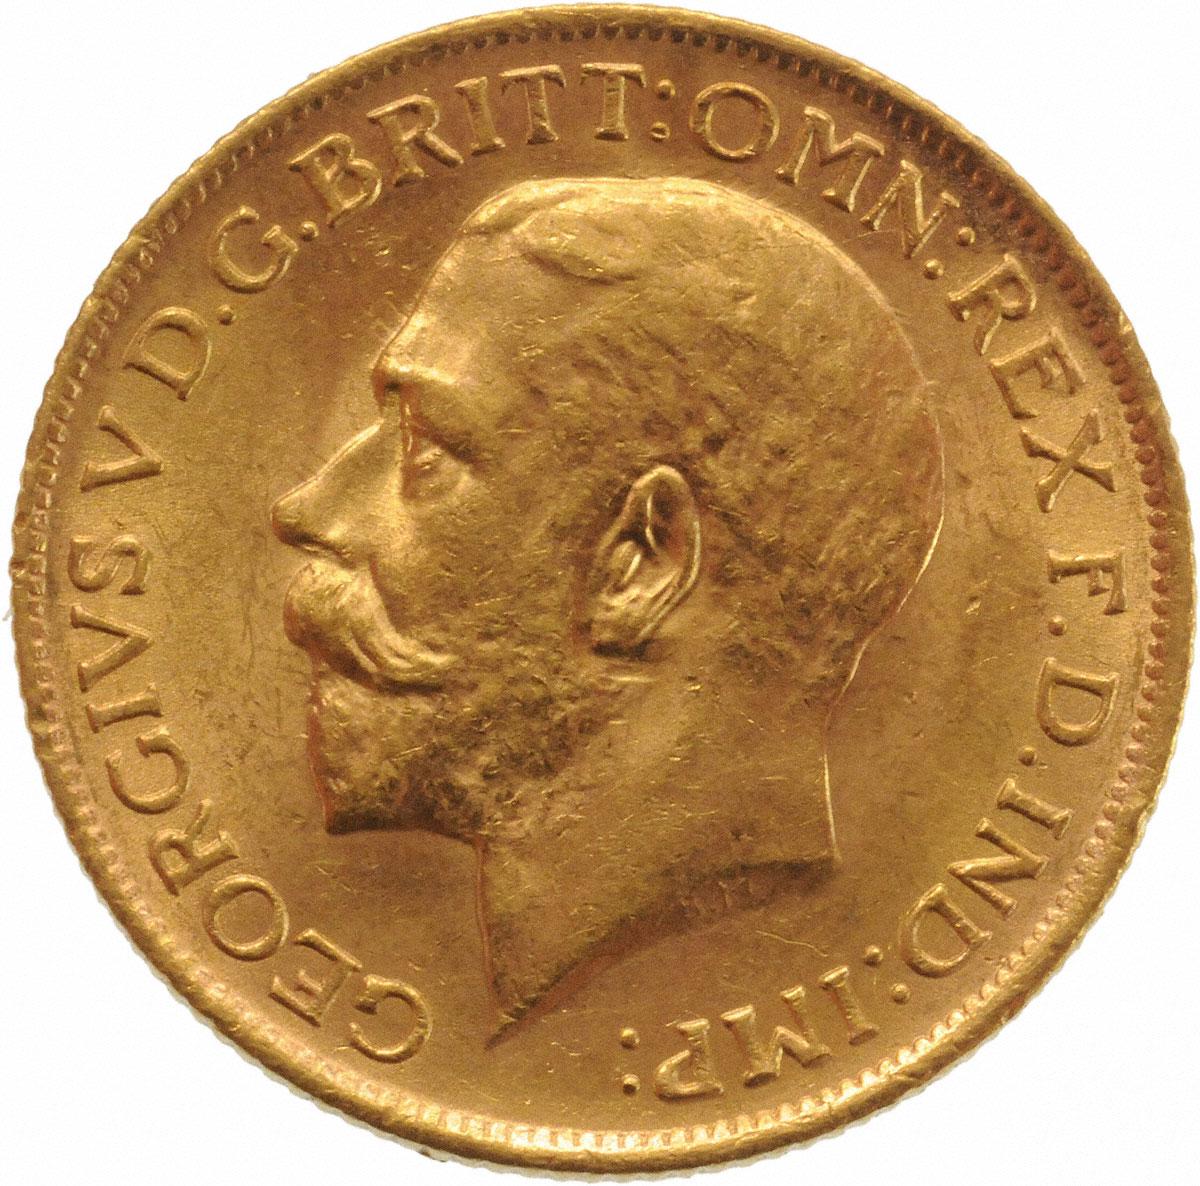 1917 Γεώργιος Ε' (Νομισματοκοπείο Σίδνεϊ)